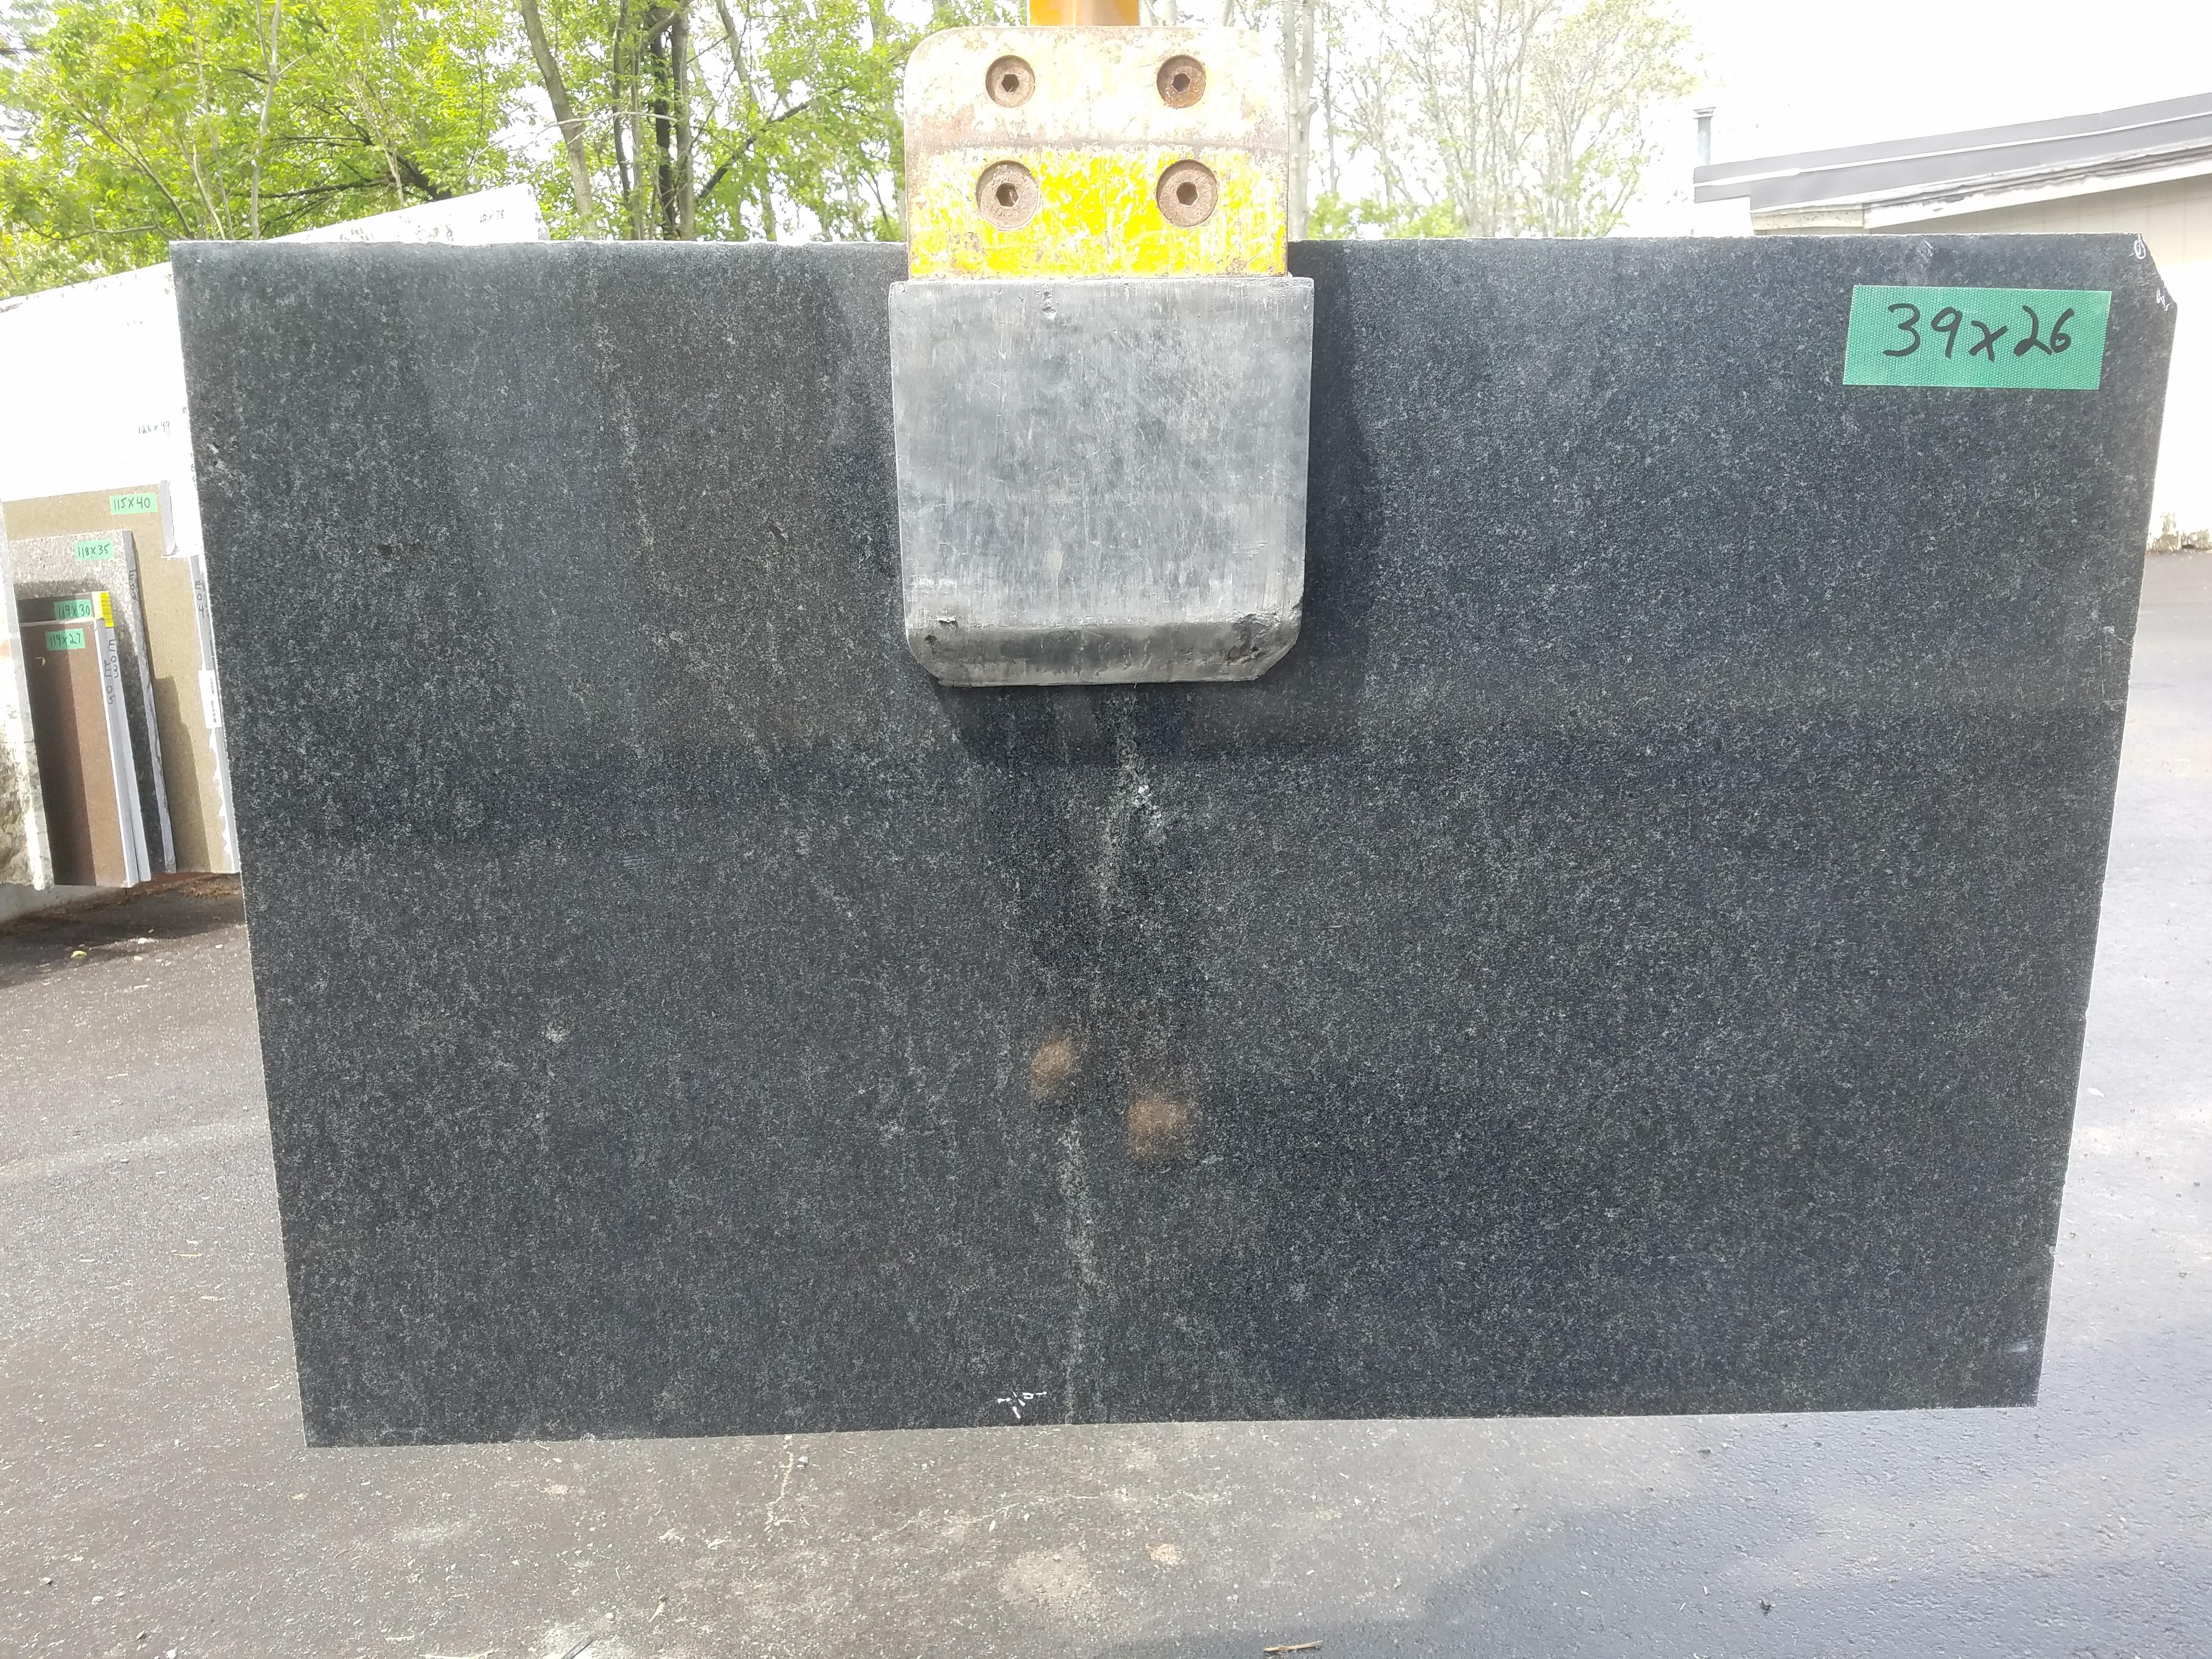 Granite 19 - 39 x 26